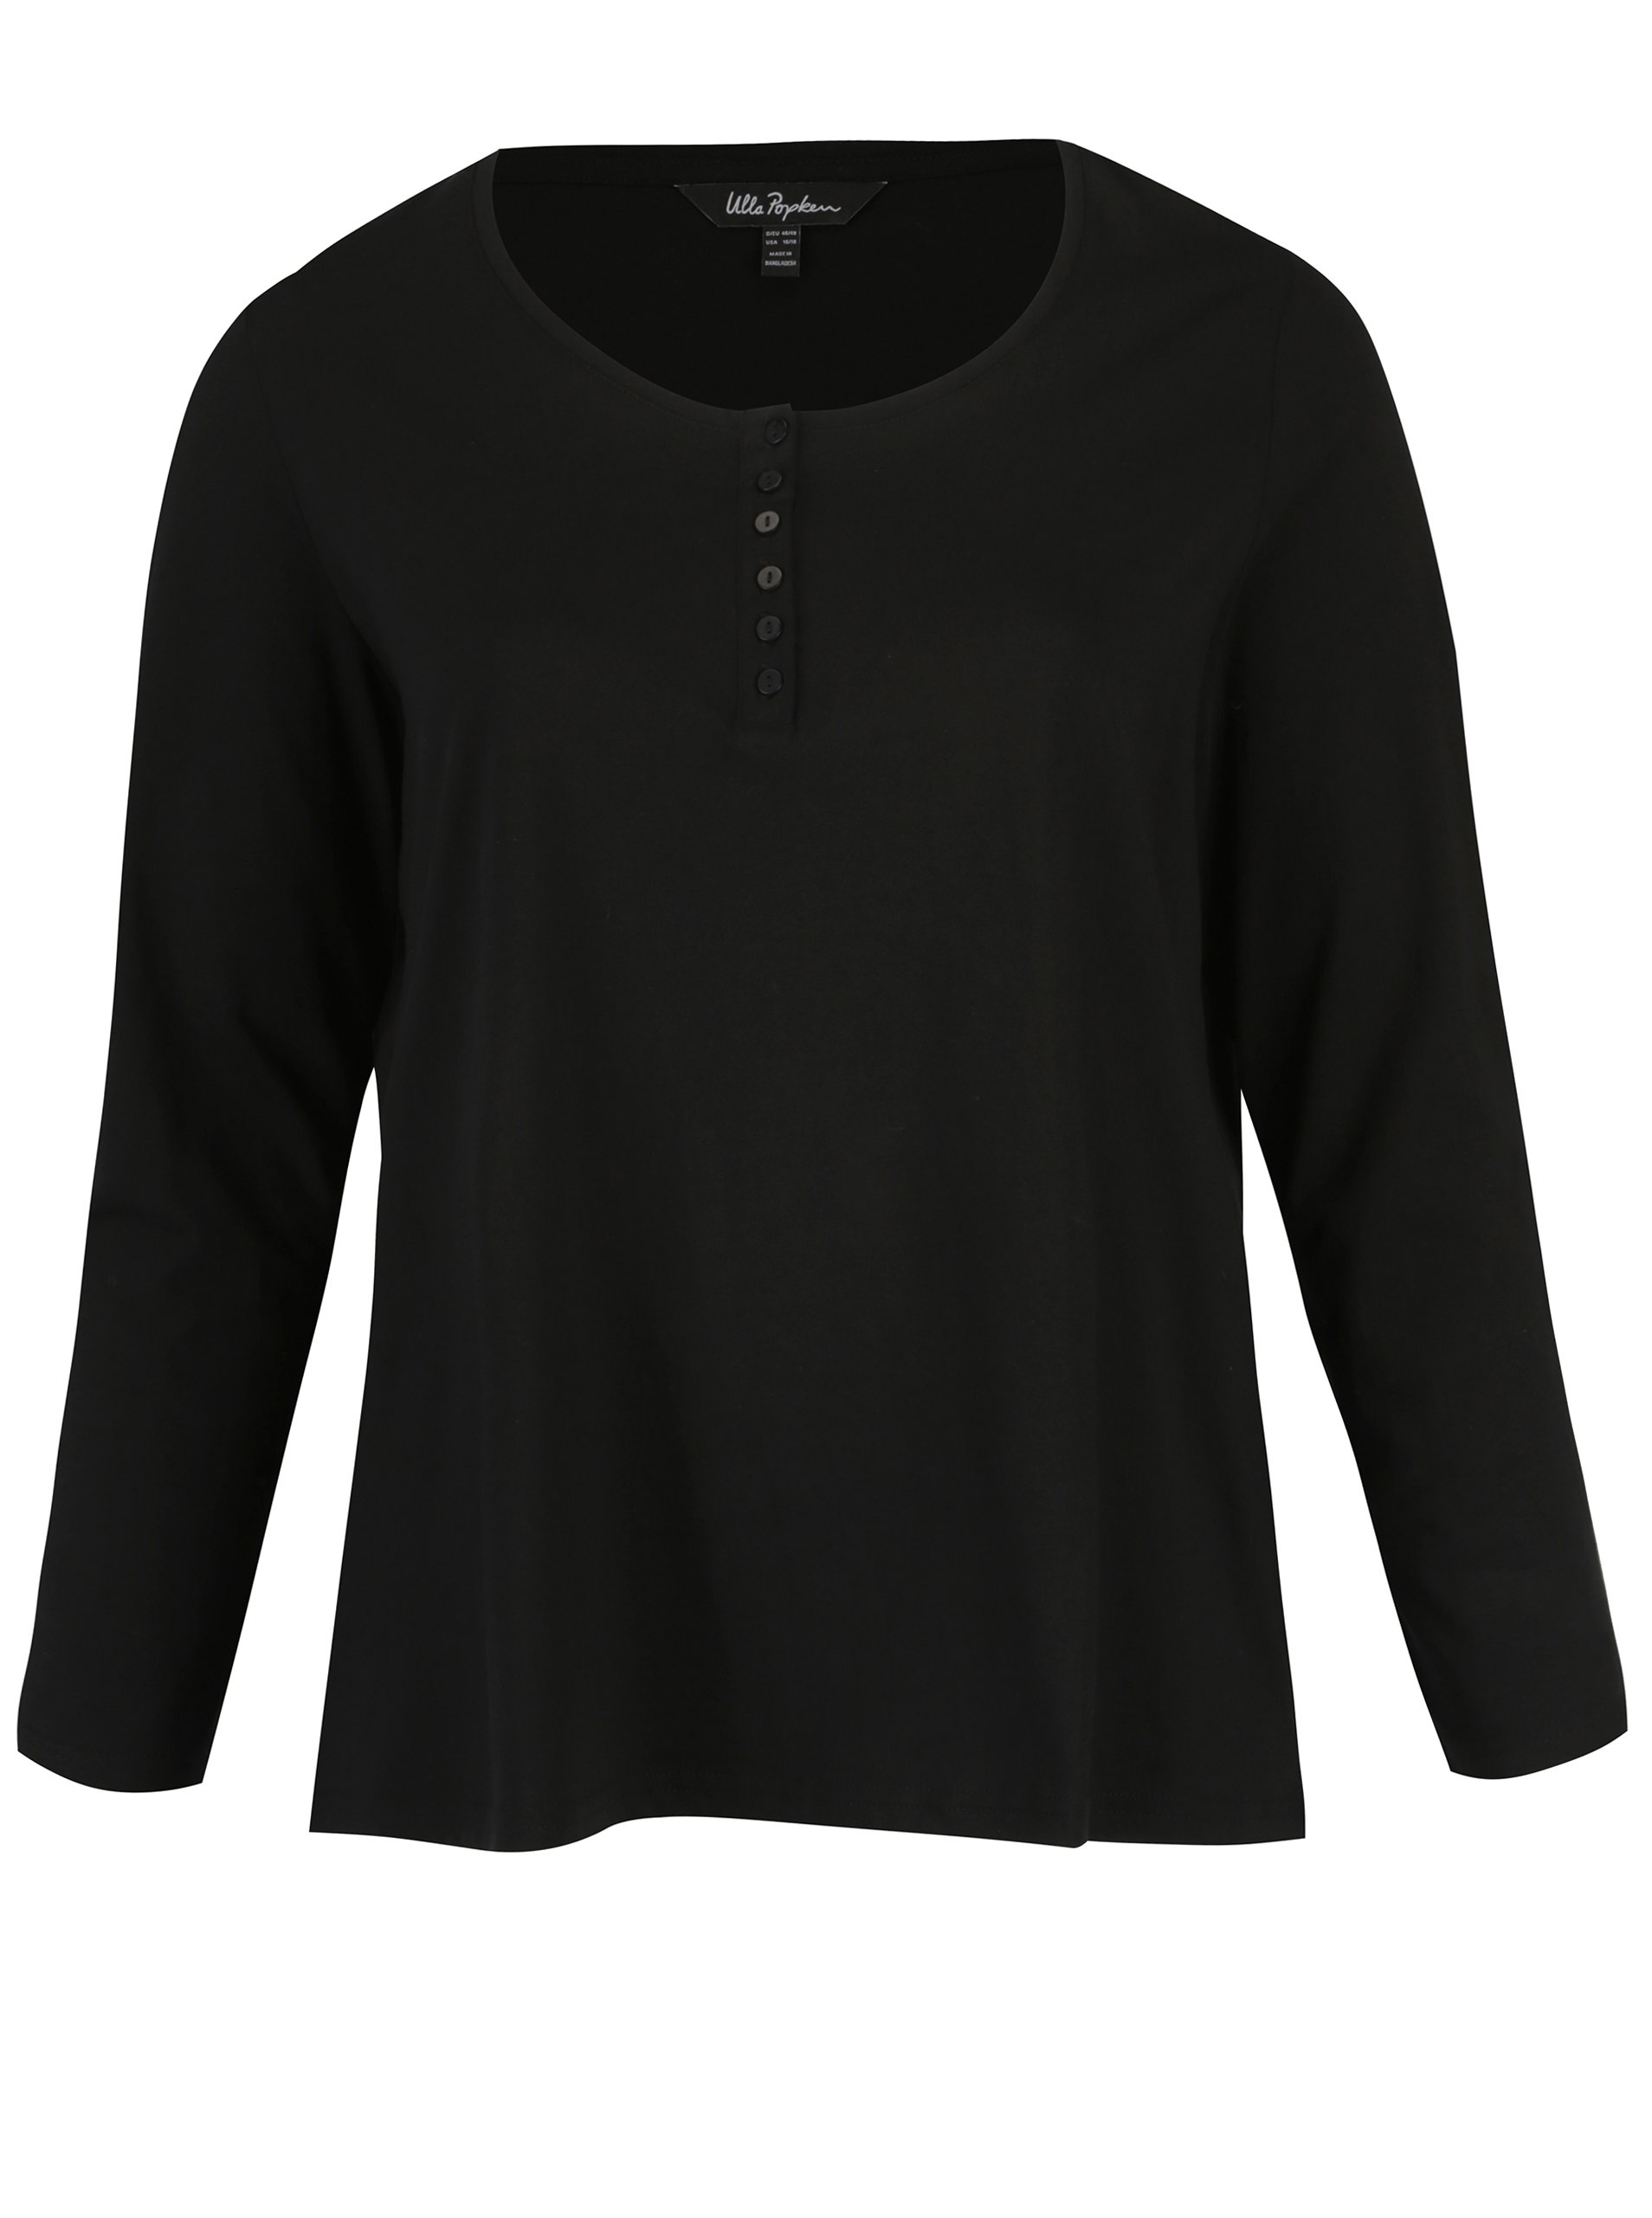 Černé tričko s dlouhým rukávem a knoflíky Ulla Popken